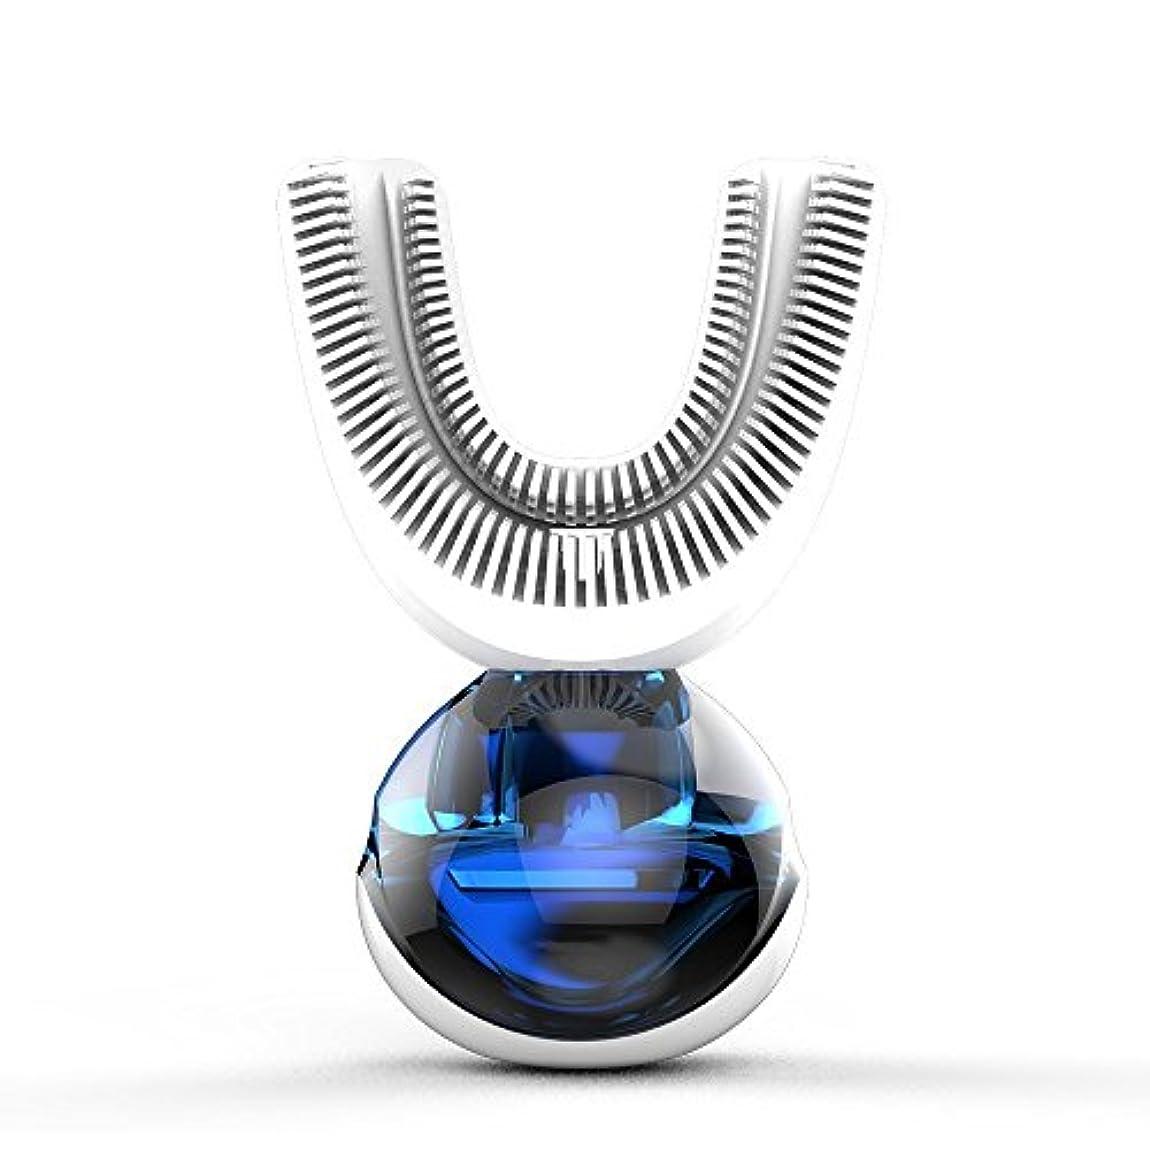 スナッチトーナメント句読点フルオートマチック可変周波数電動歯ブラシ、自動360度U字型電動歯ブラシ、ワイヤレス充電IPX7防水自動歯ブラシ(大人用)